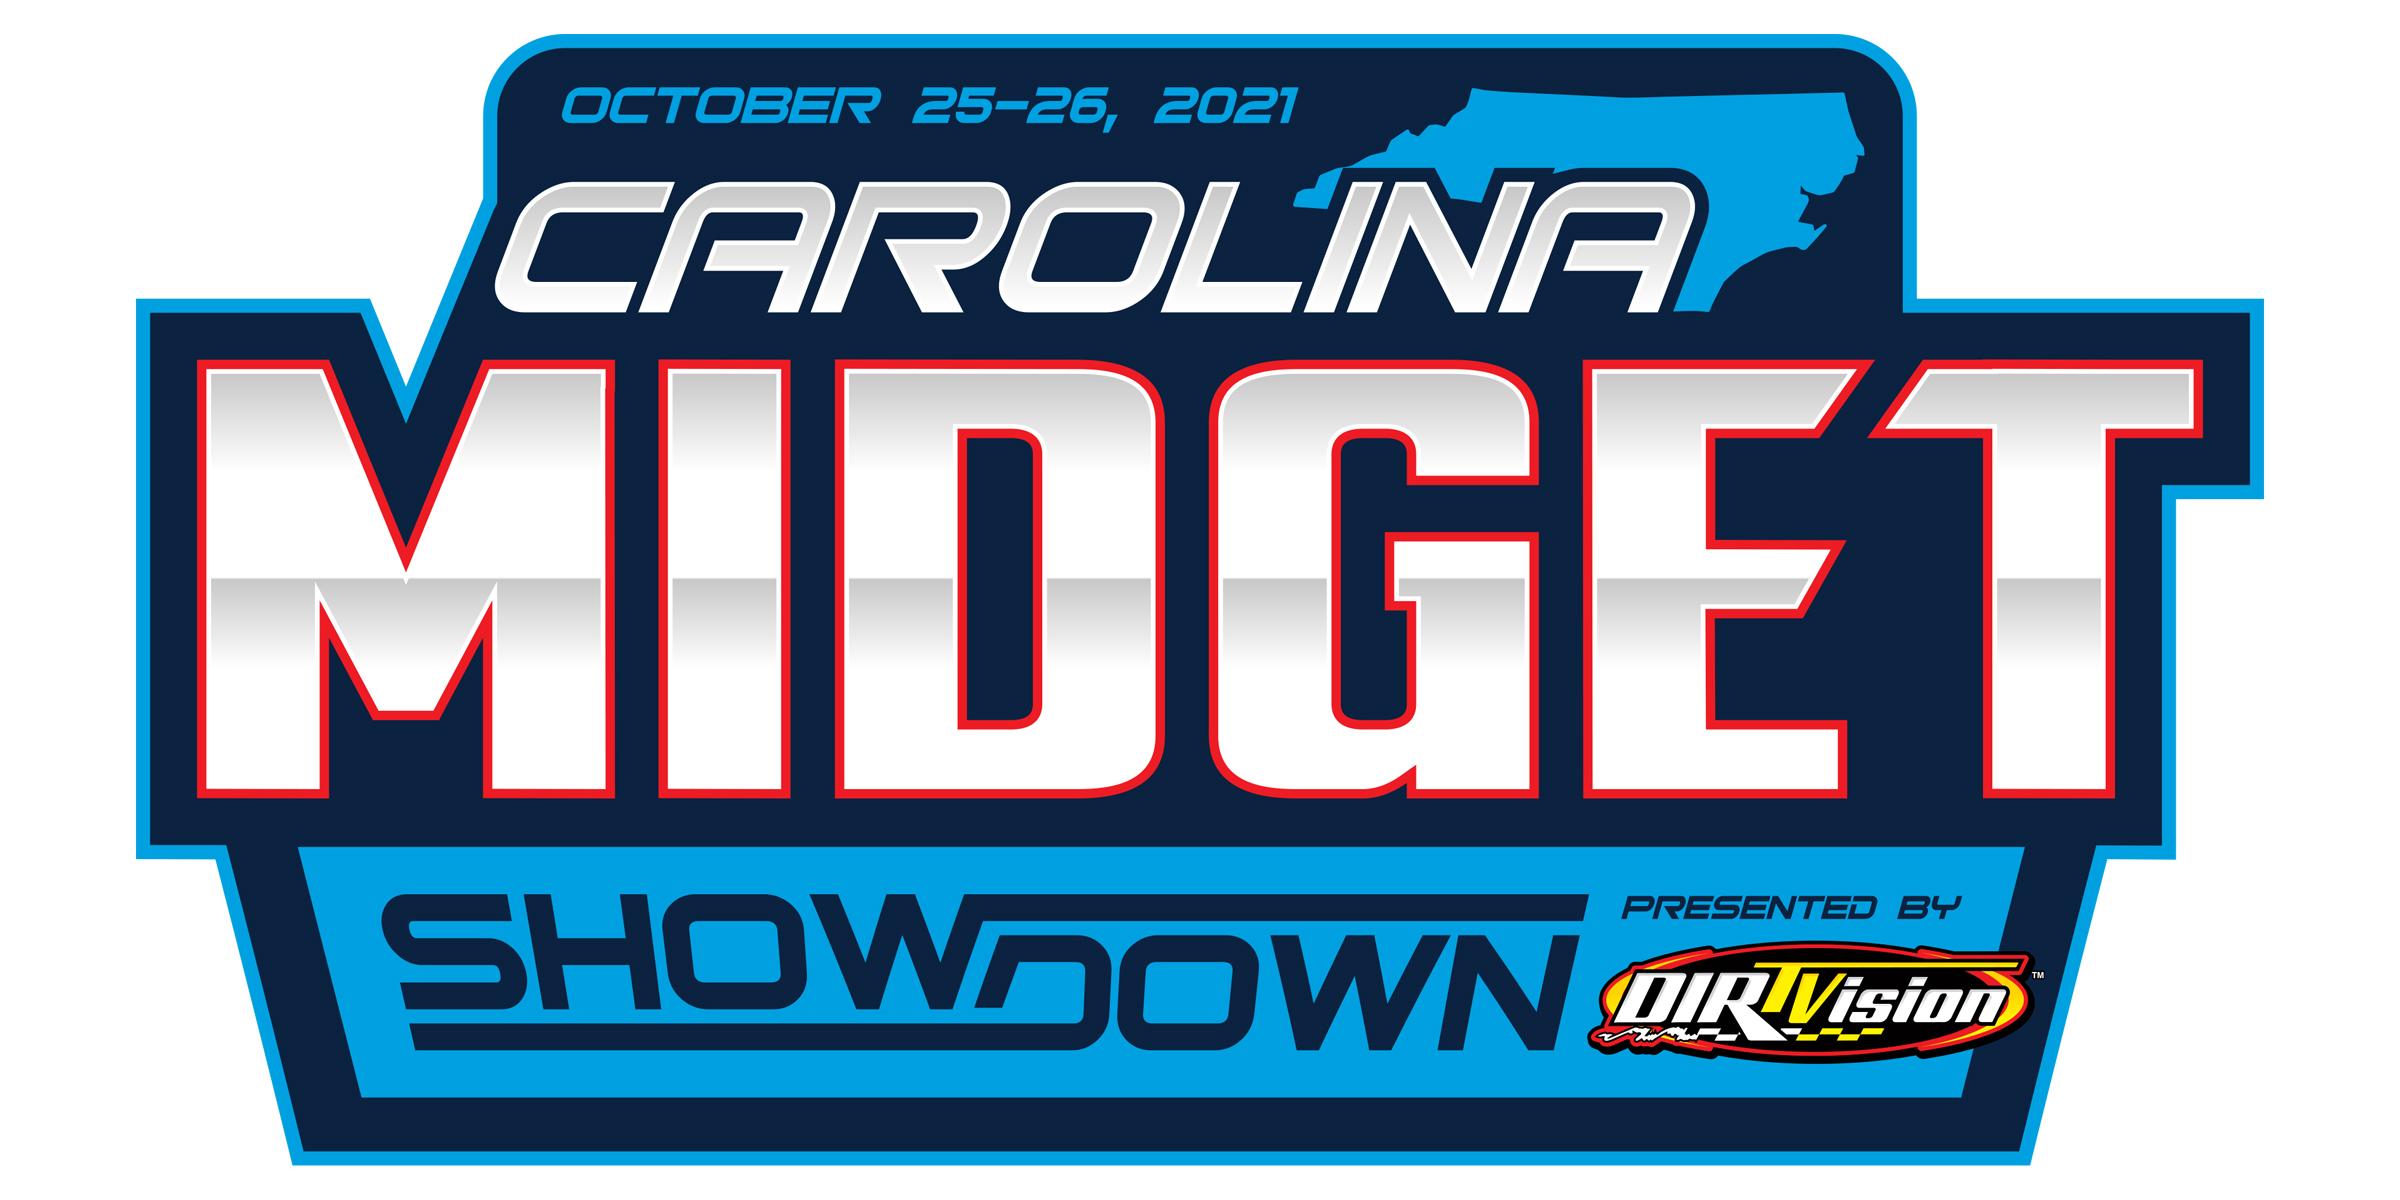 Carolina Midget Showdown race information